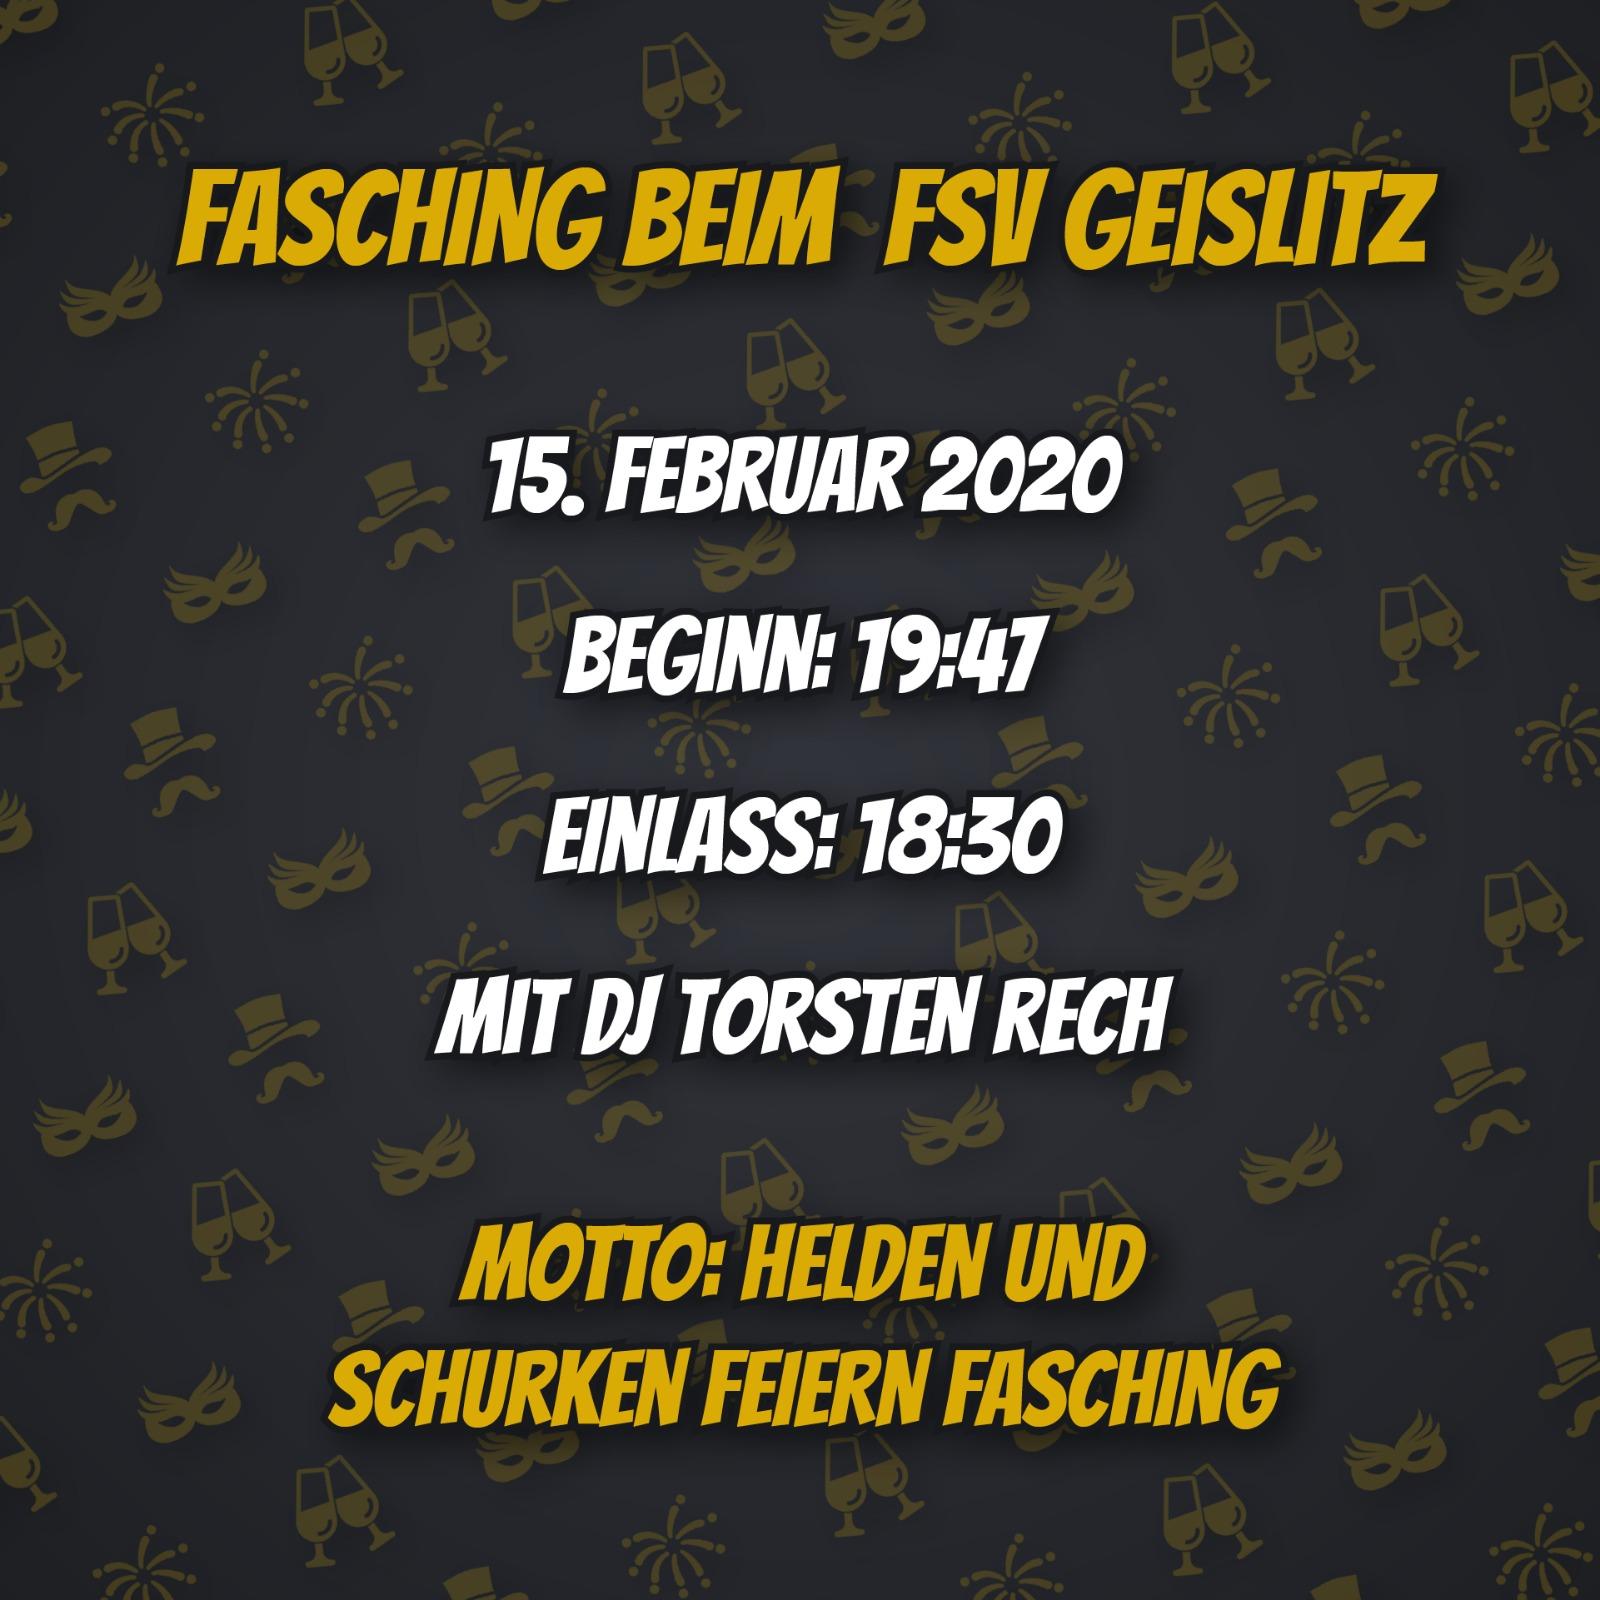 Fasching 2020